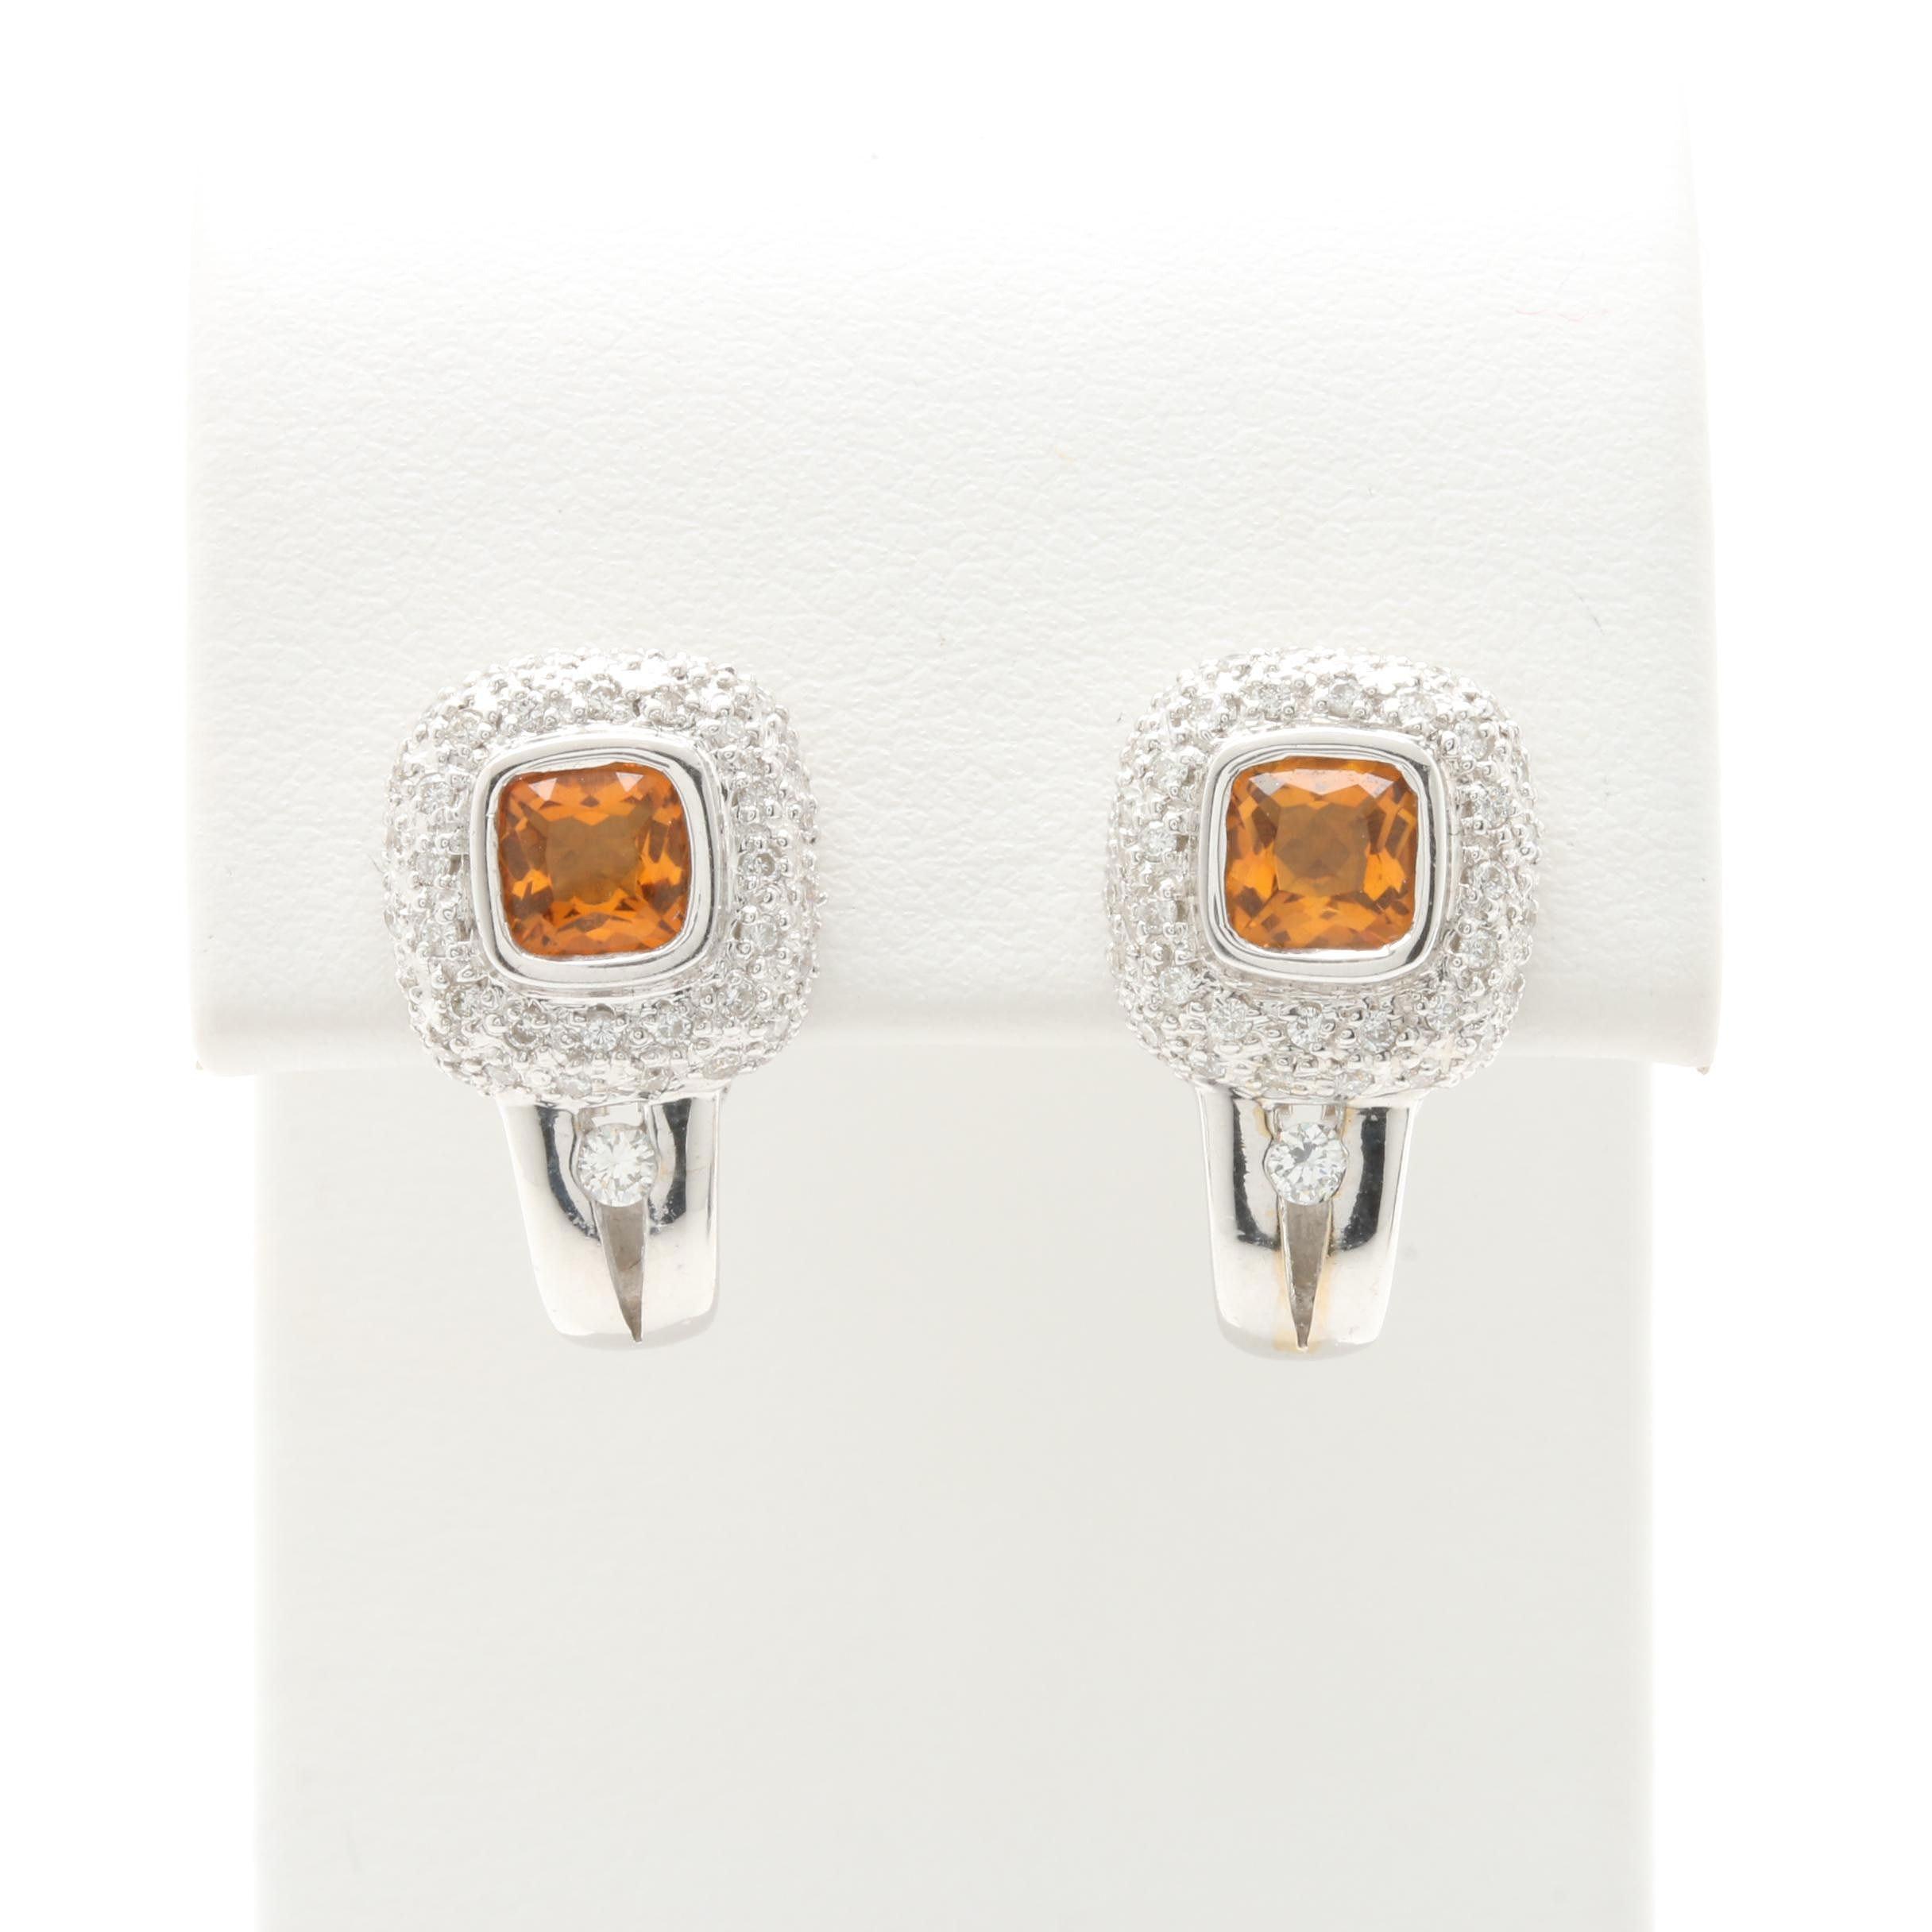 18K White Gold Citrine and Diamond J-Hoop Earrings